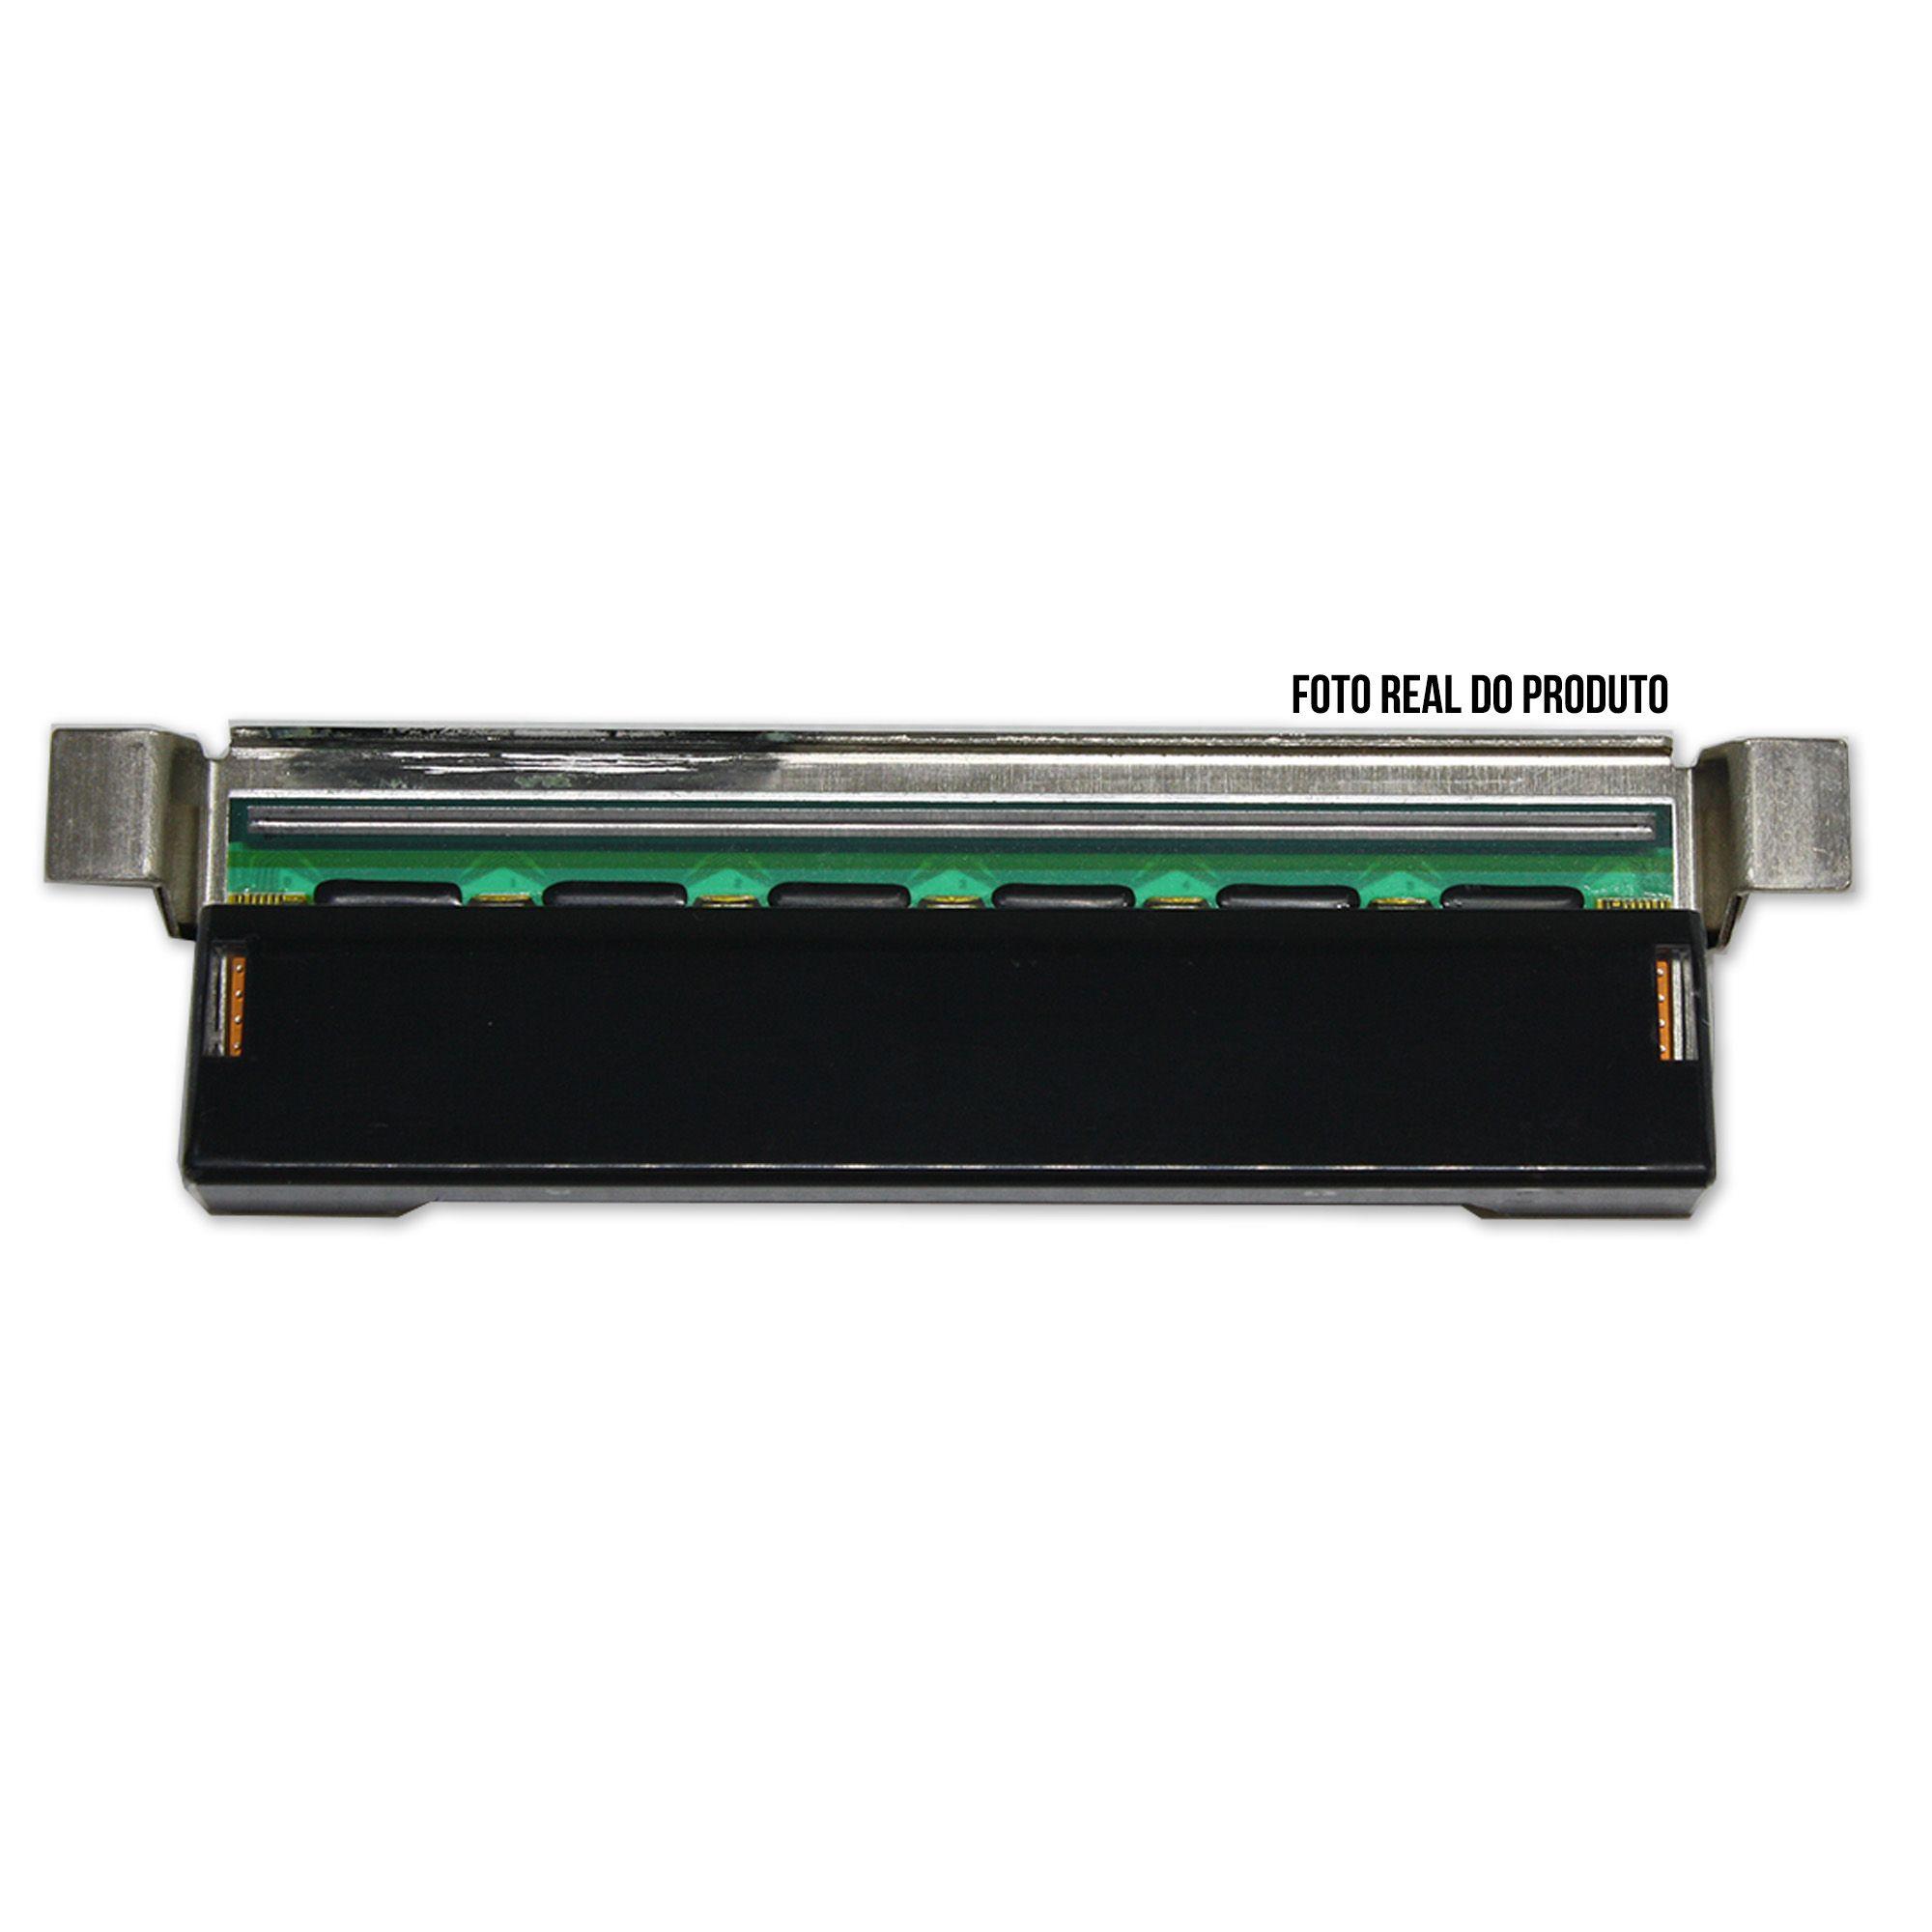 Cabeça de Impressão Zebra ZT230 203 dpi P/N P1037974-010